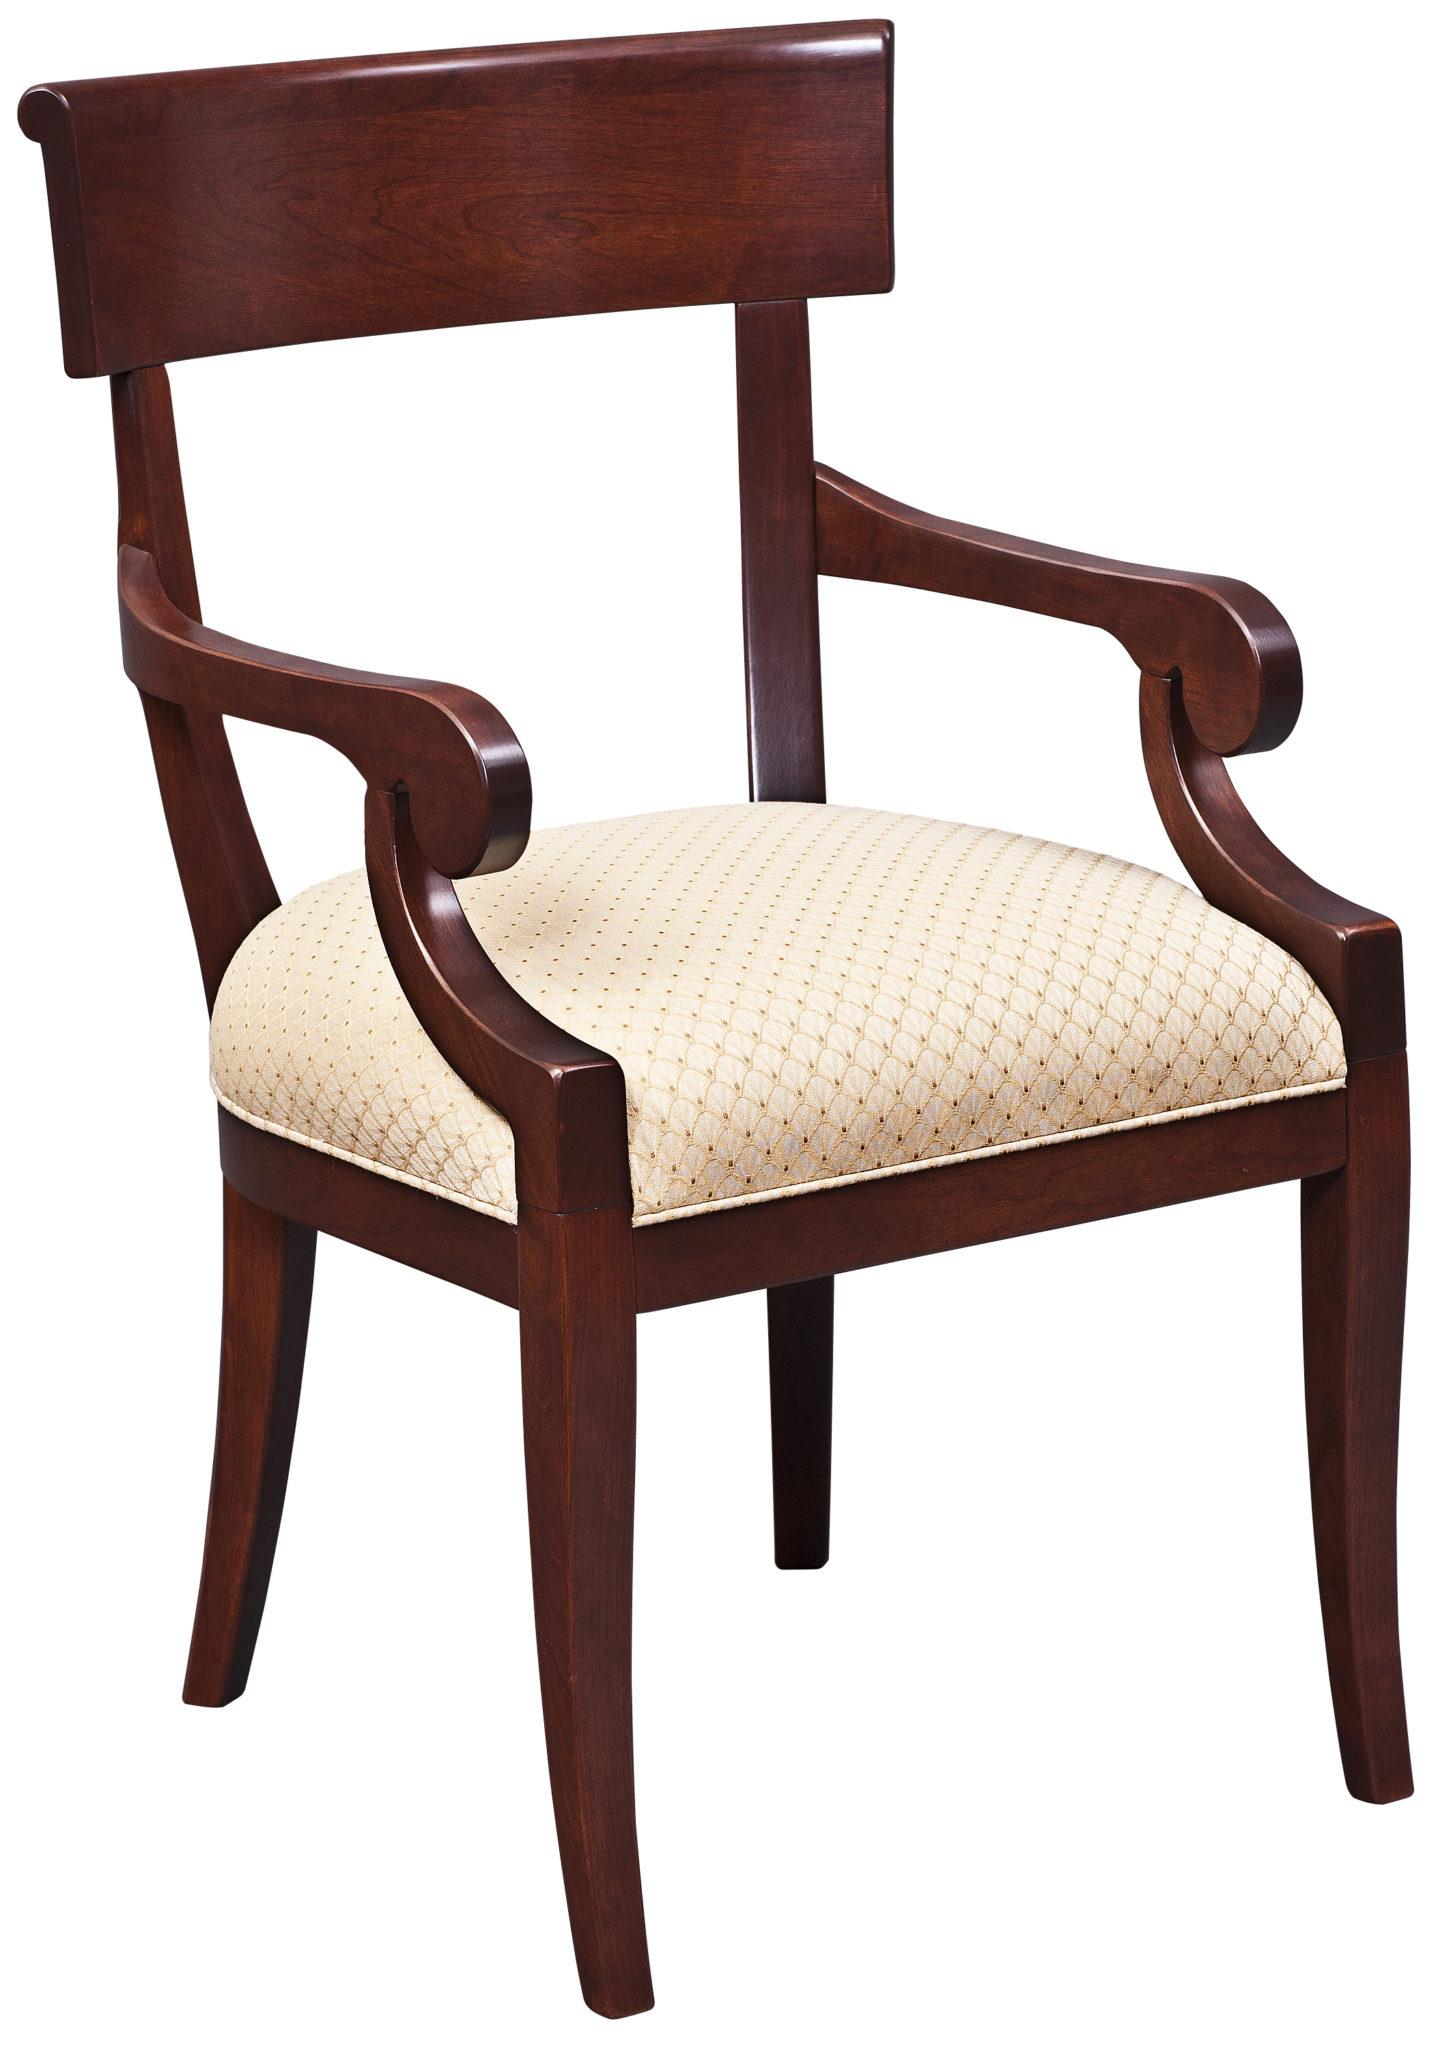 Belvedere Armchair Image